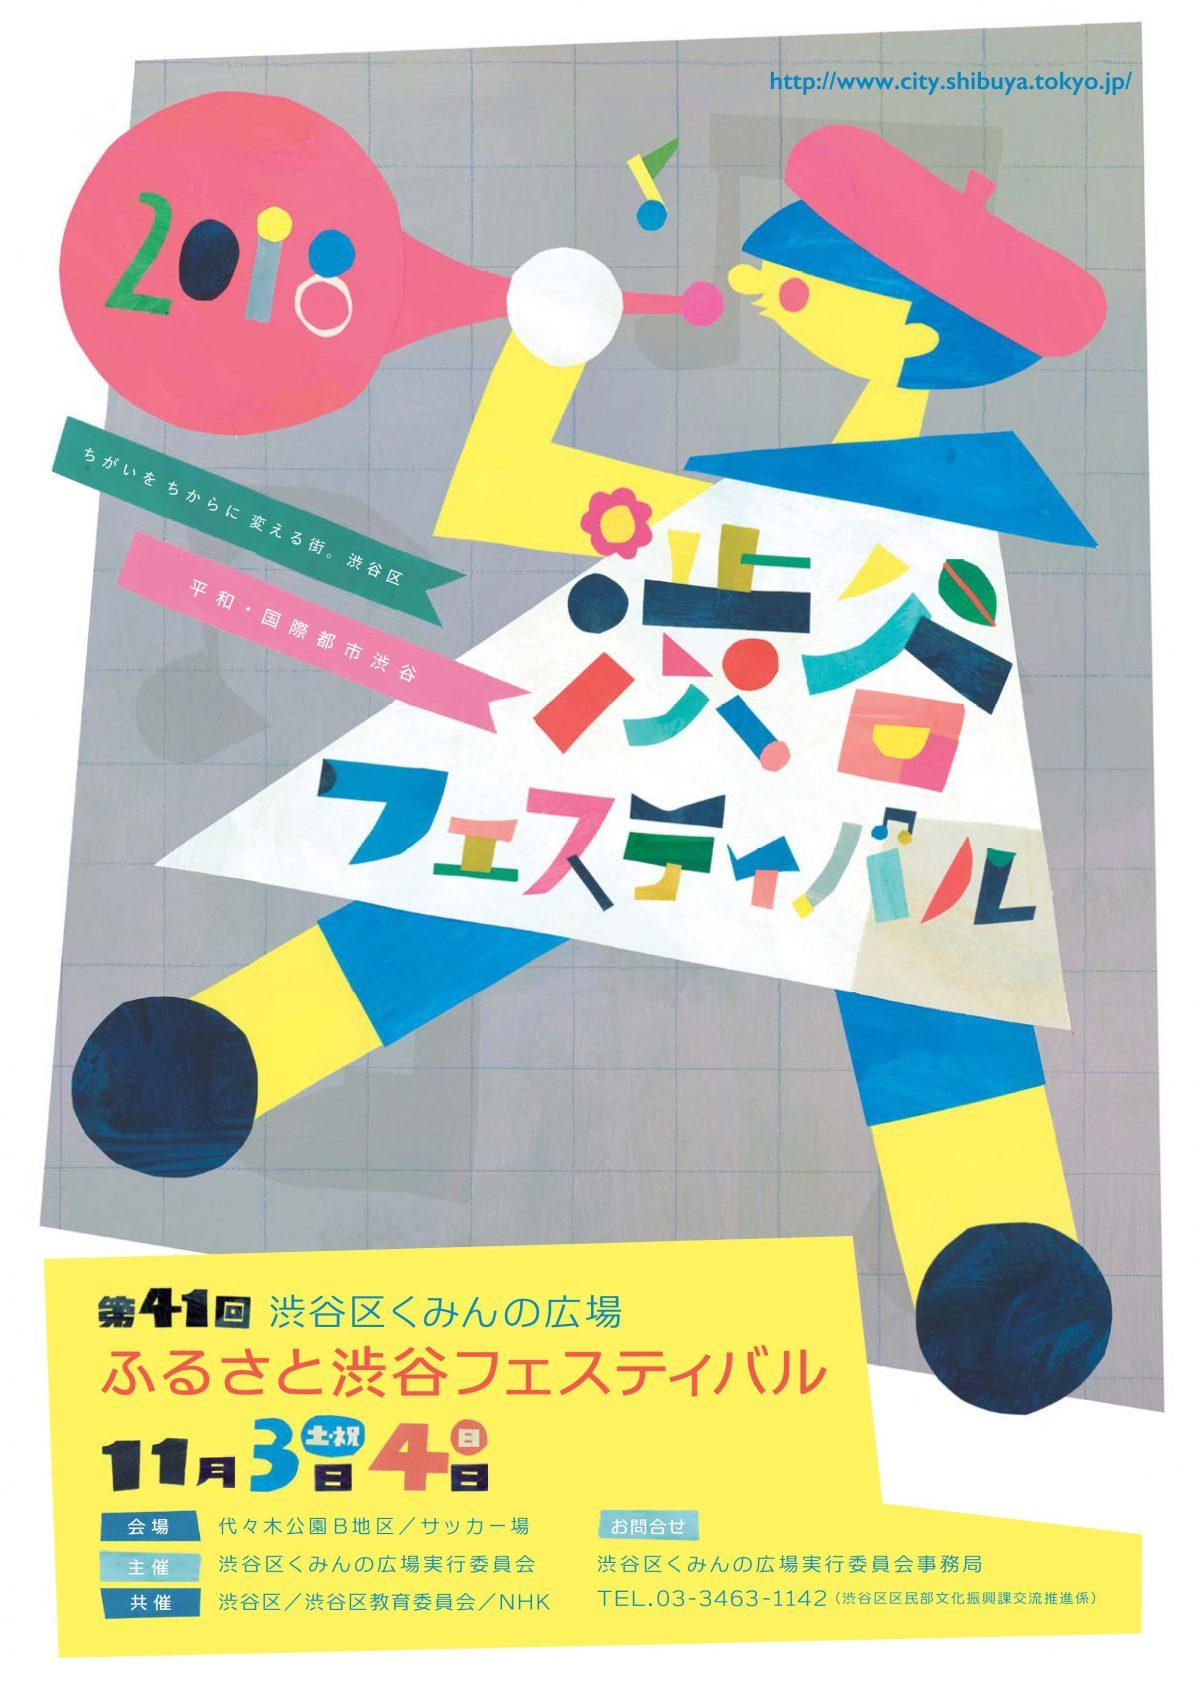 第41回渋谷区くみんの広場 ふるさと渋谷フェスティバル2018